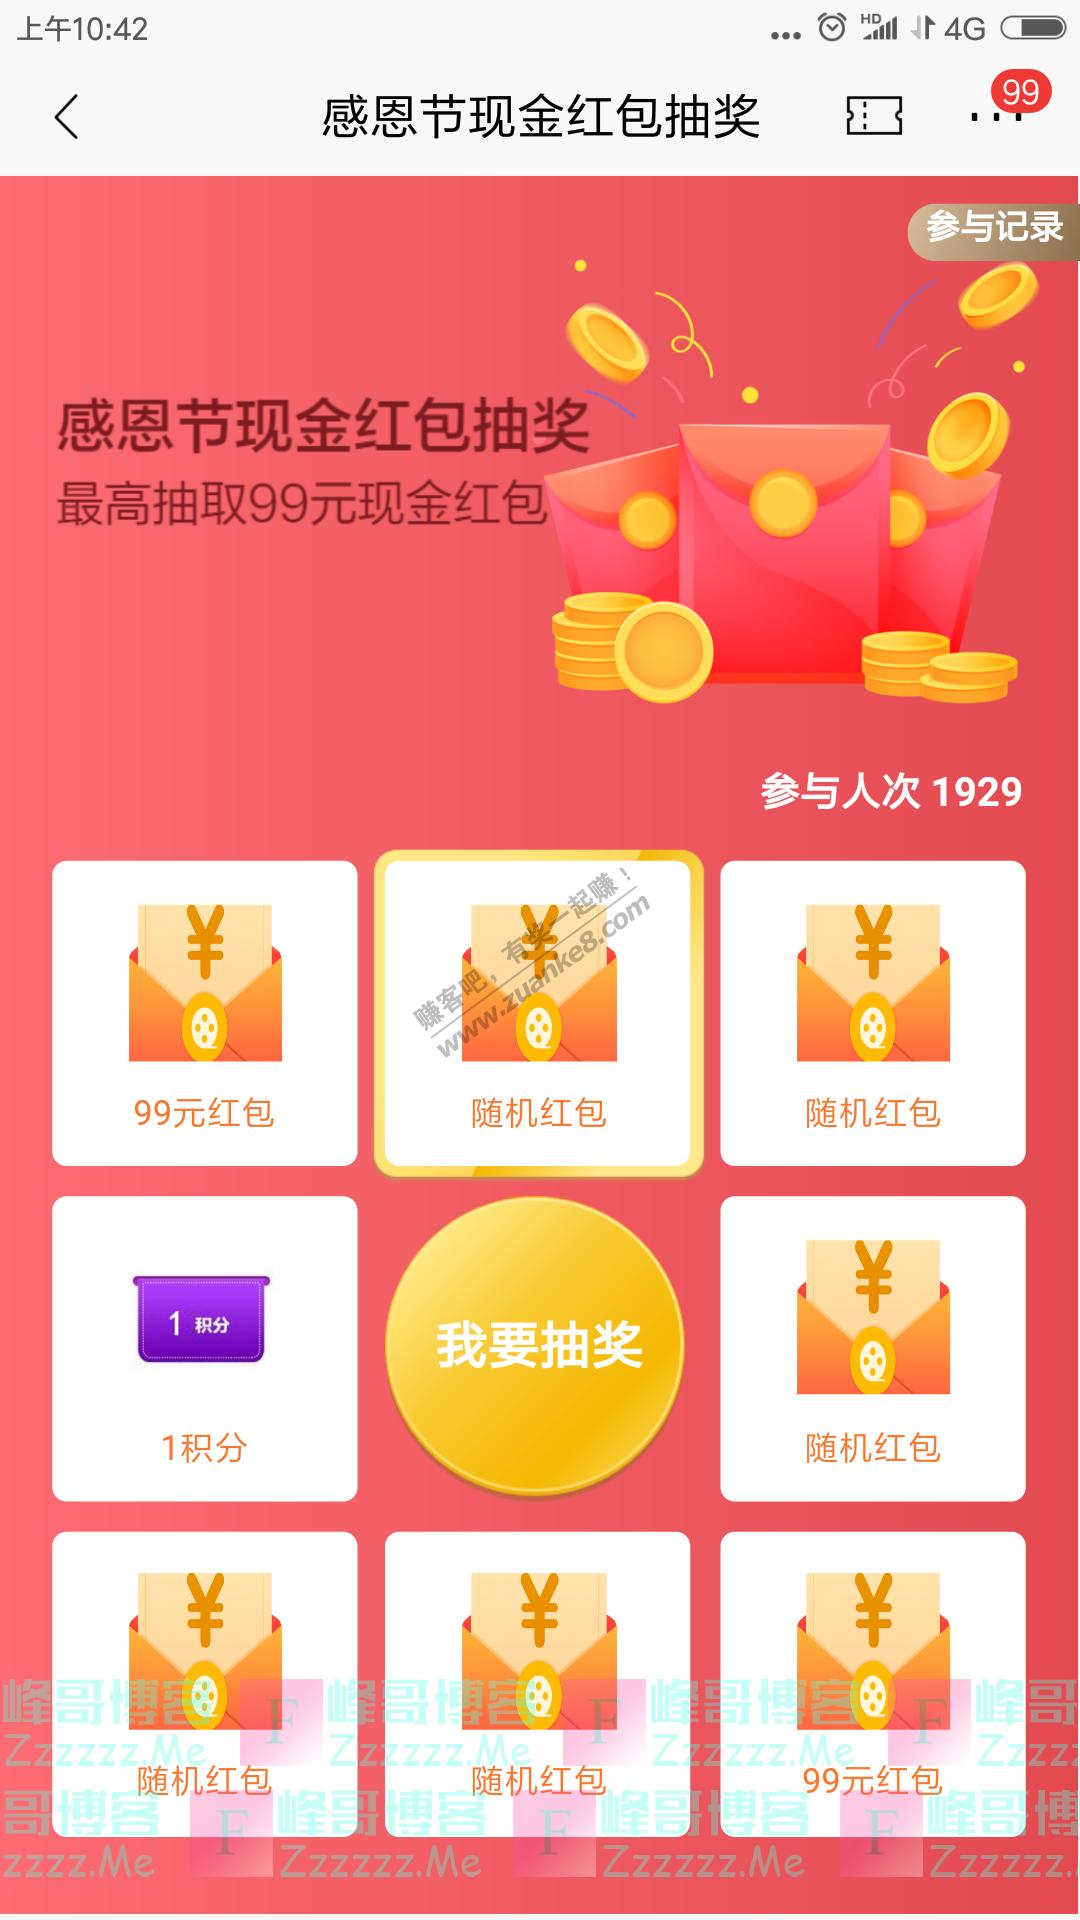 招商银行app感恩节现金红包抽奖(11月30日截止)